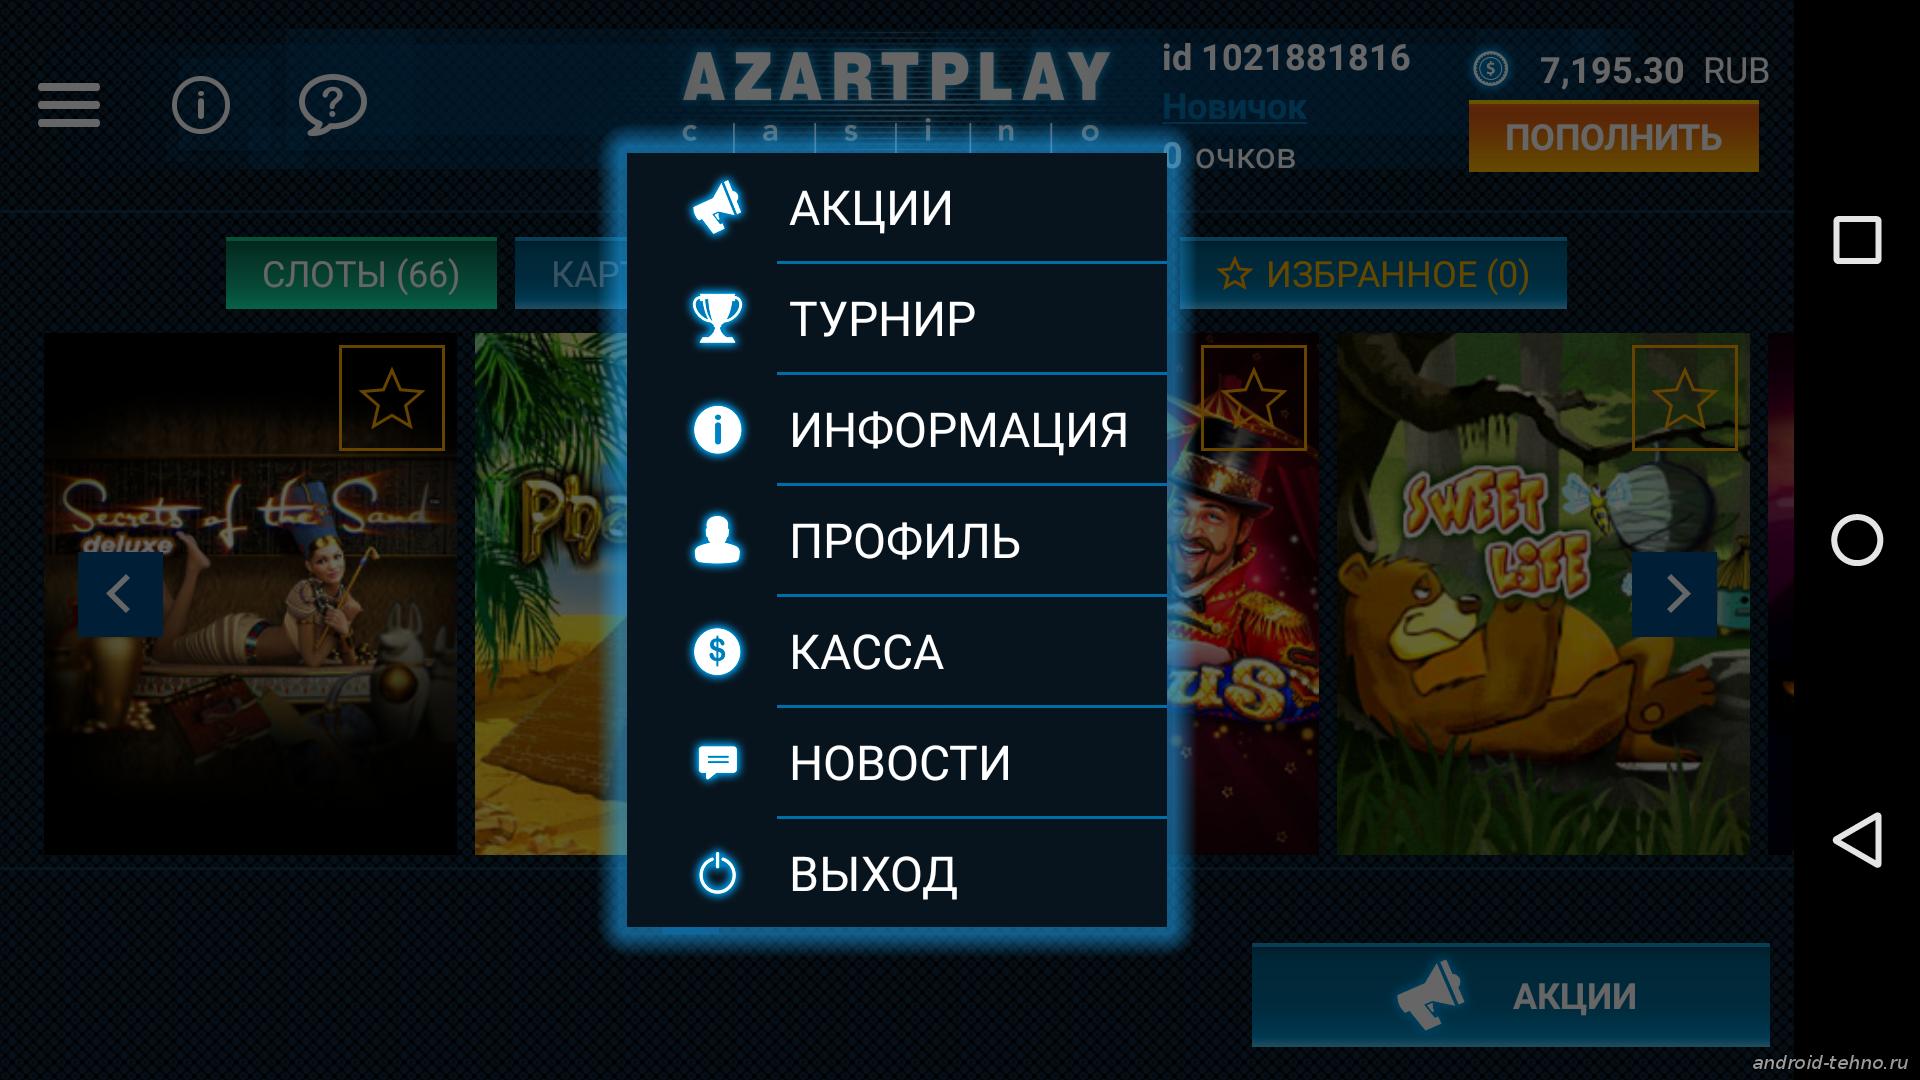 азарт плей на андроид